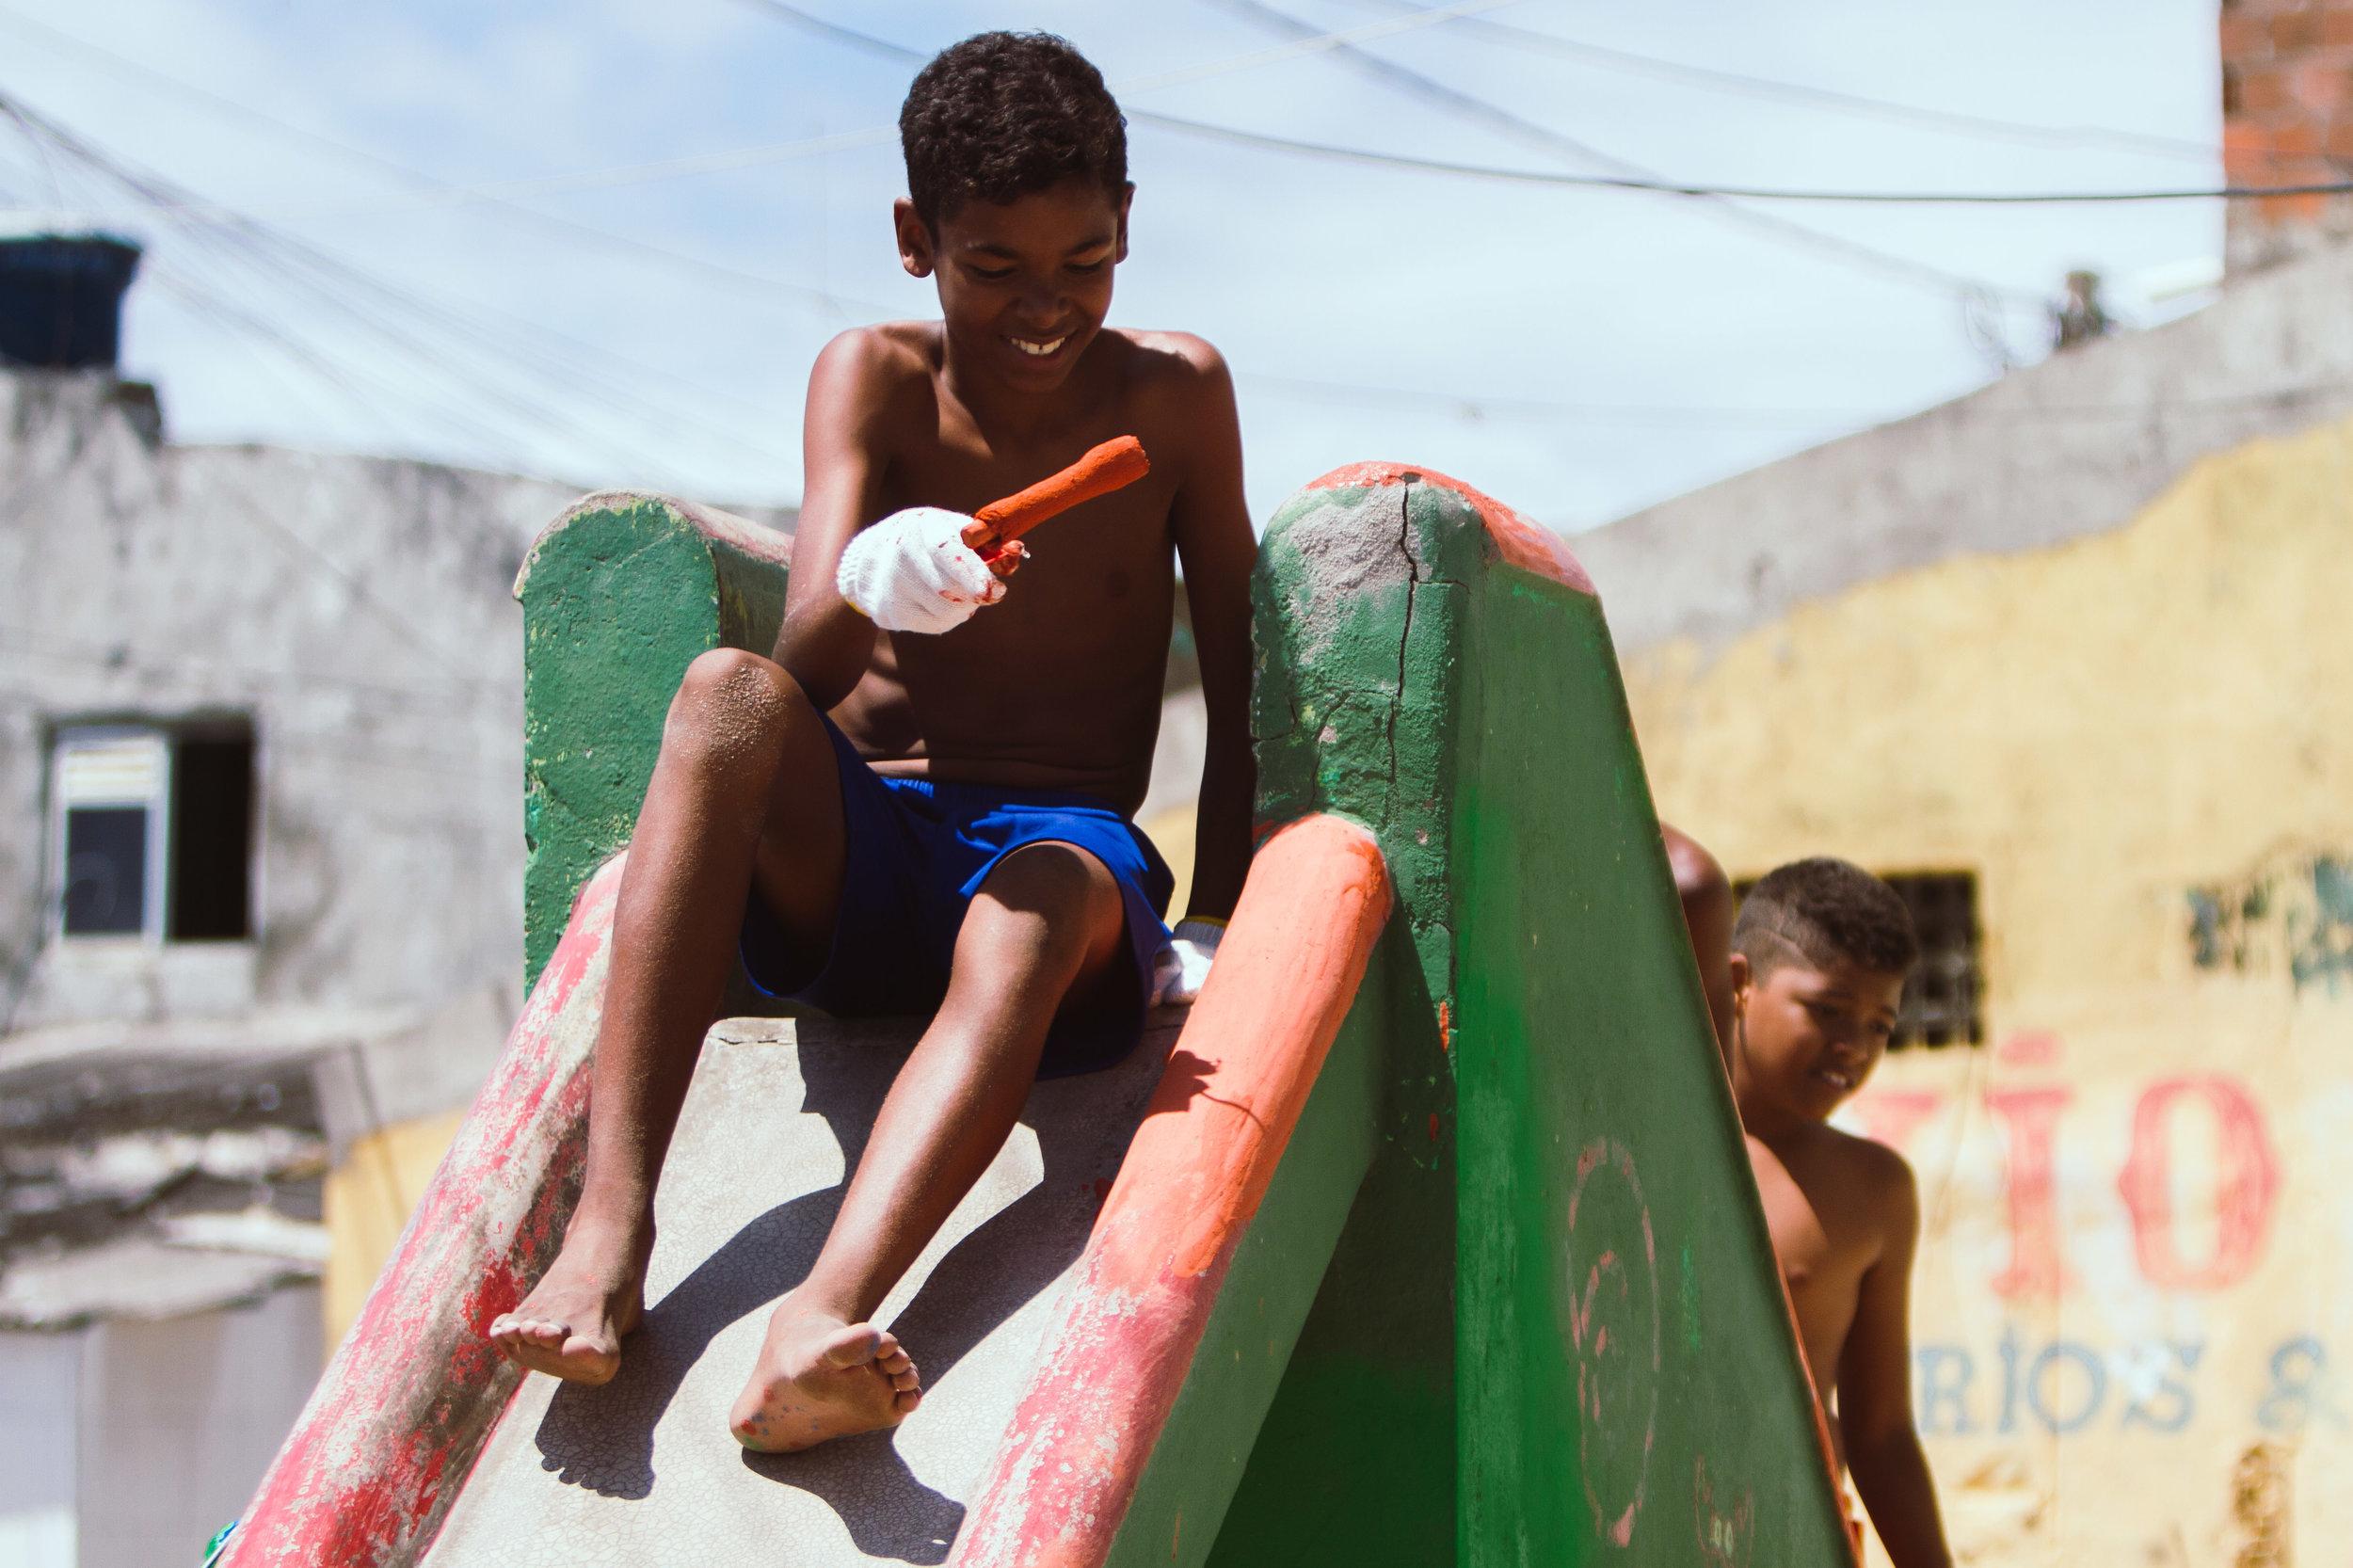 MUTIRAO BRASILIA TEIMOSA_PB TEIMOSA_PRISCILLABUHR-89.jpg